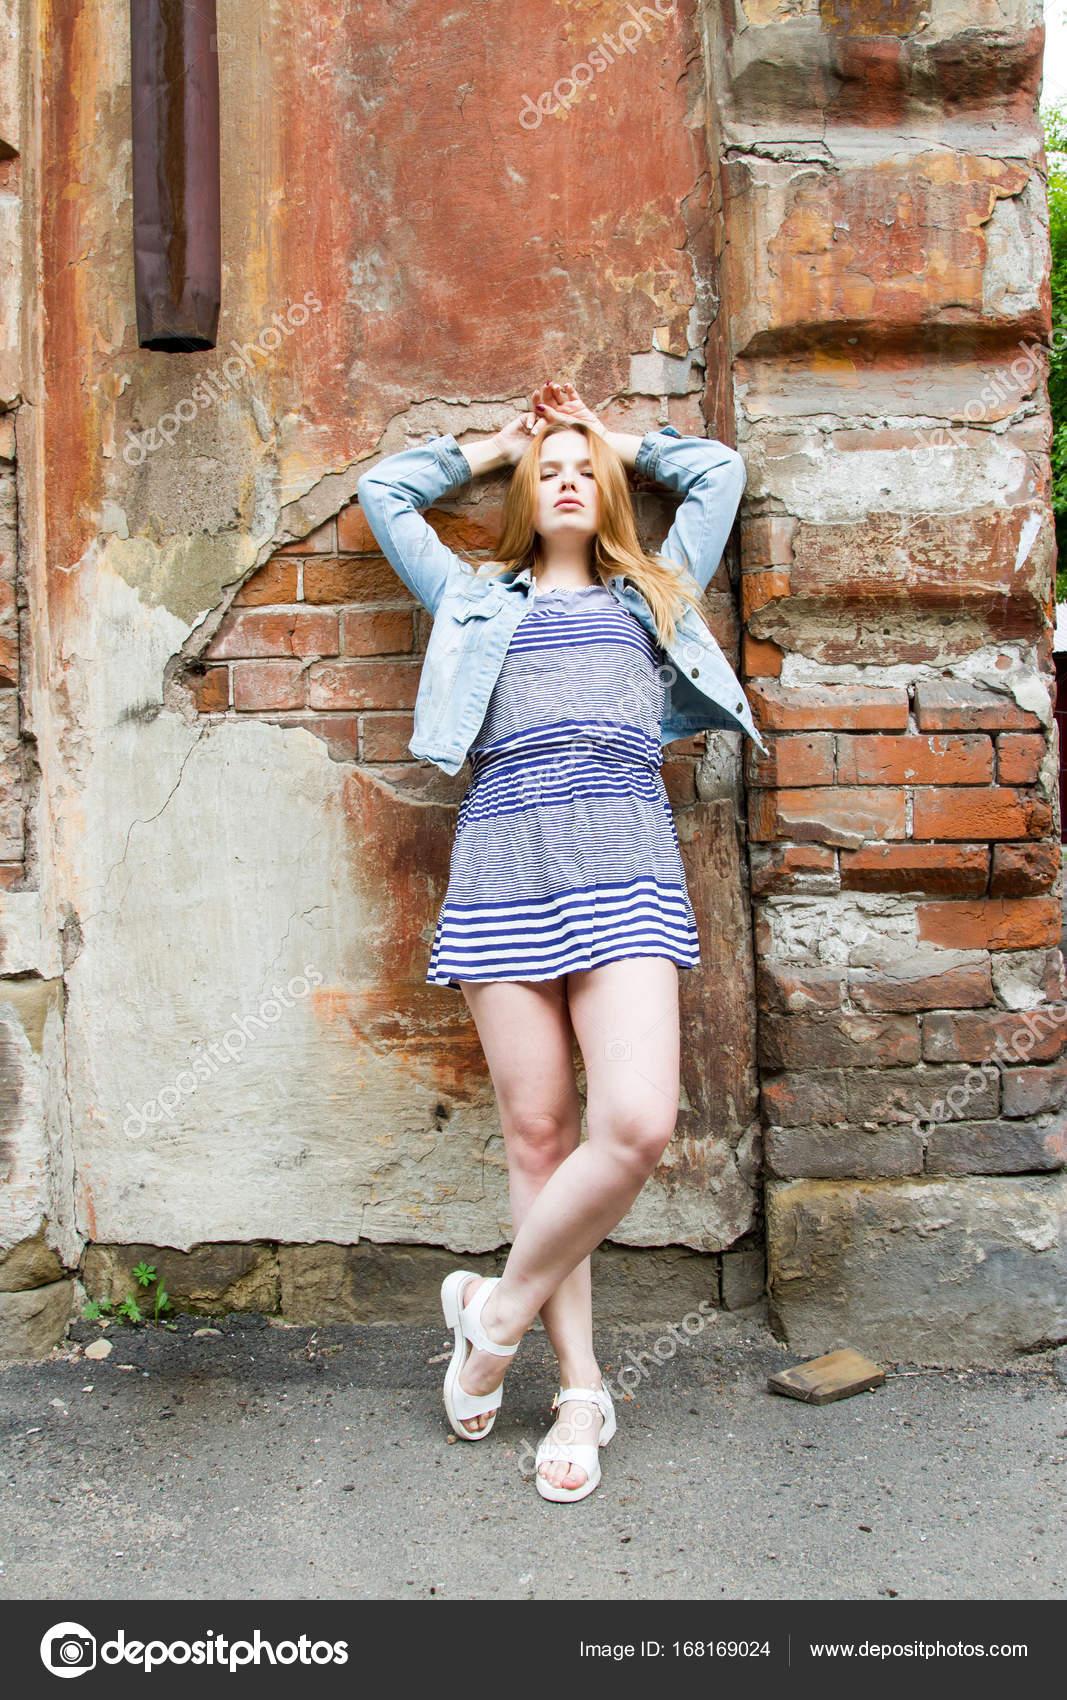 d'une mur en briques debout courte jupe de fille du près vieille est CxBoerd